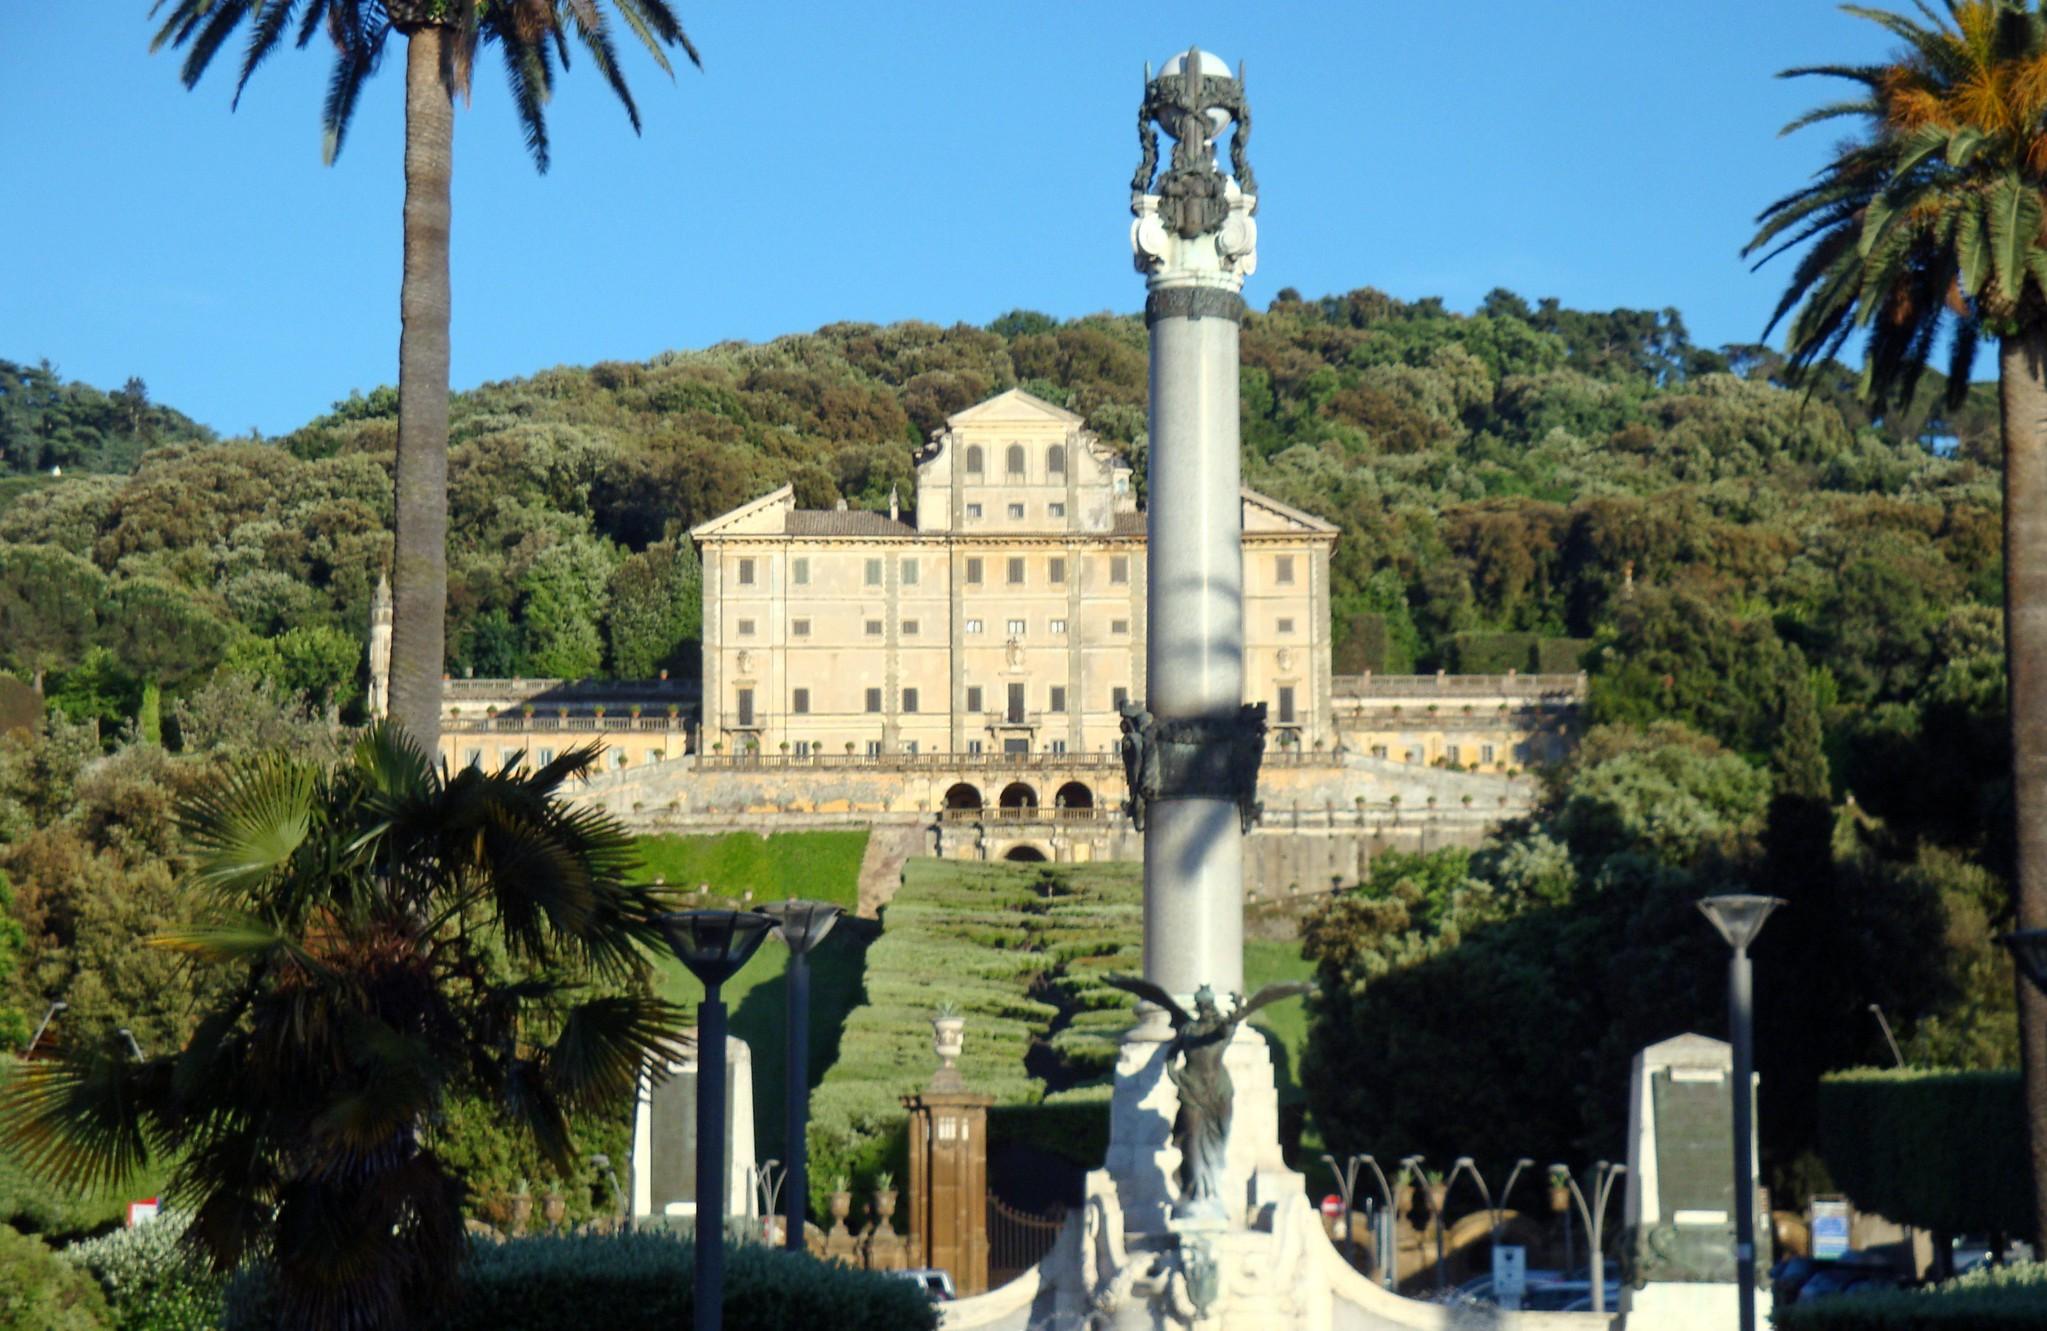 borghi italiani da visitare a gennaio